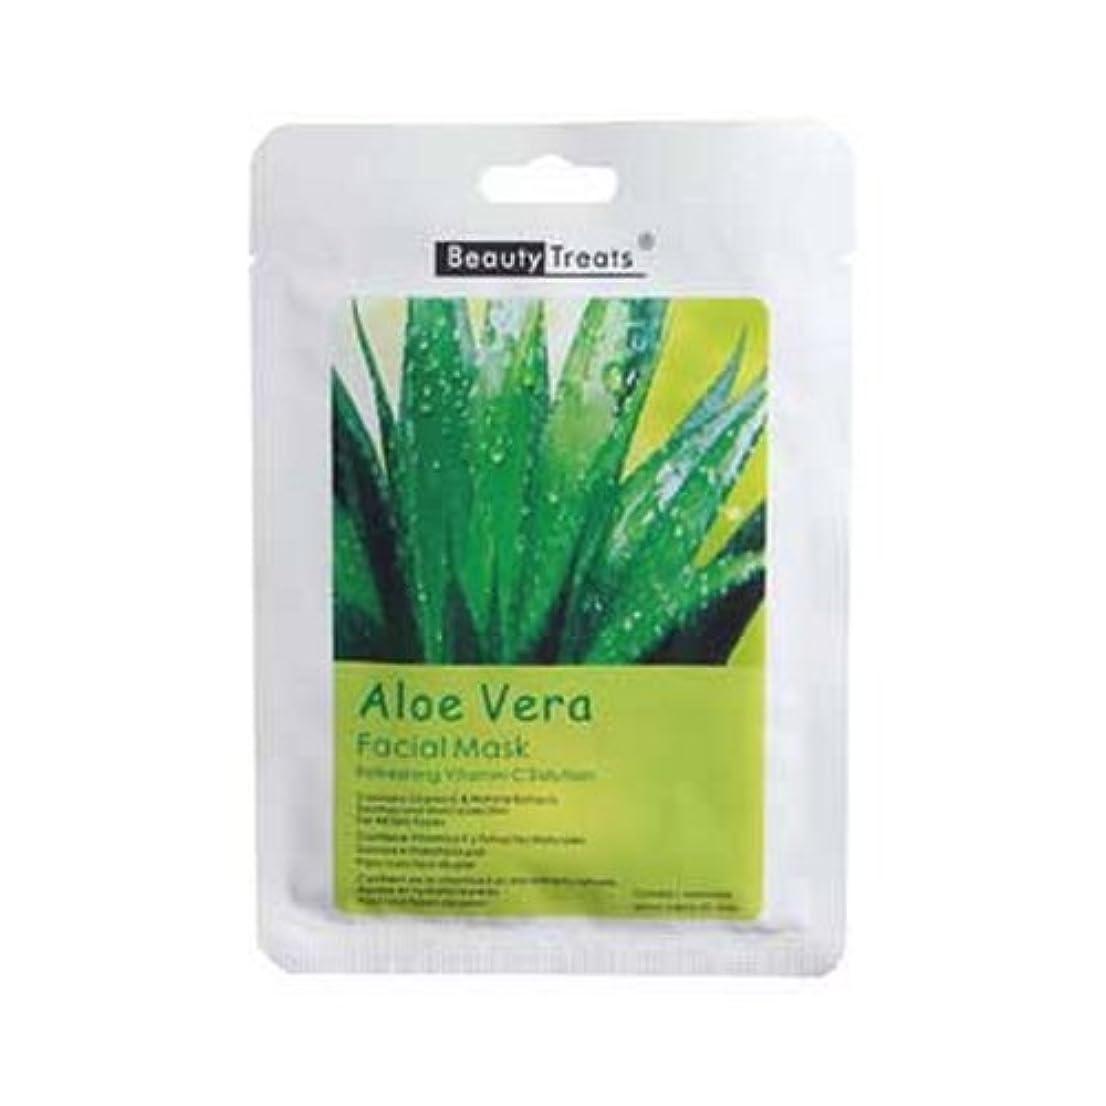 ロードブロッキング車両嫌な(3 Pack) BEAUTY TREATS Facial Mask Refreshing Vitamin C Solution - Aloe Vera (並行輸入品)